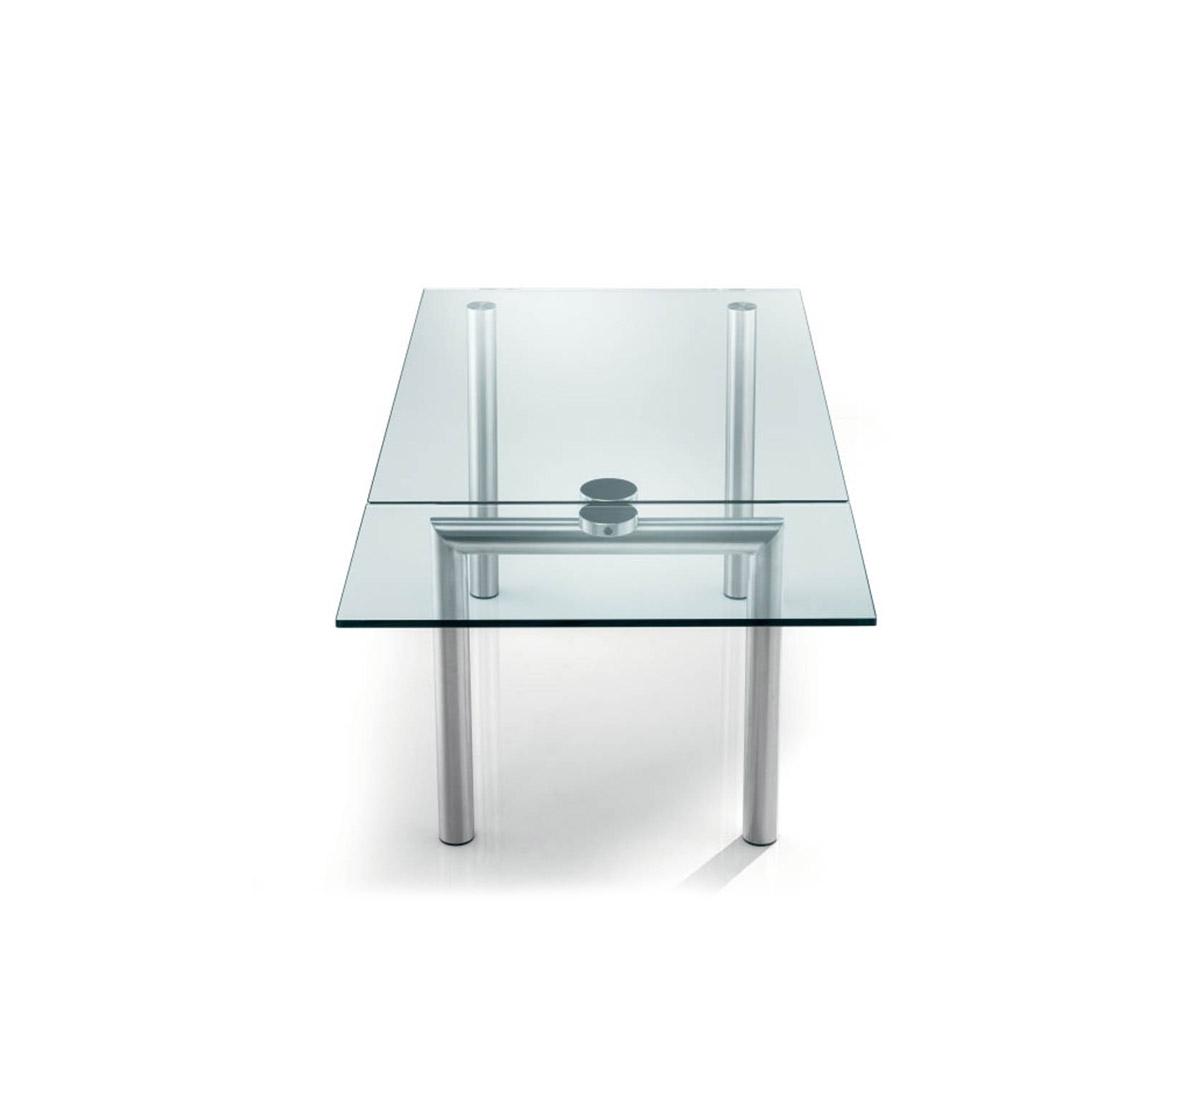 Tavoli Cristallo Allungabili Reflex.Policleto Allungabile 1 Reflex Mohd Shop